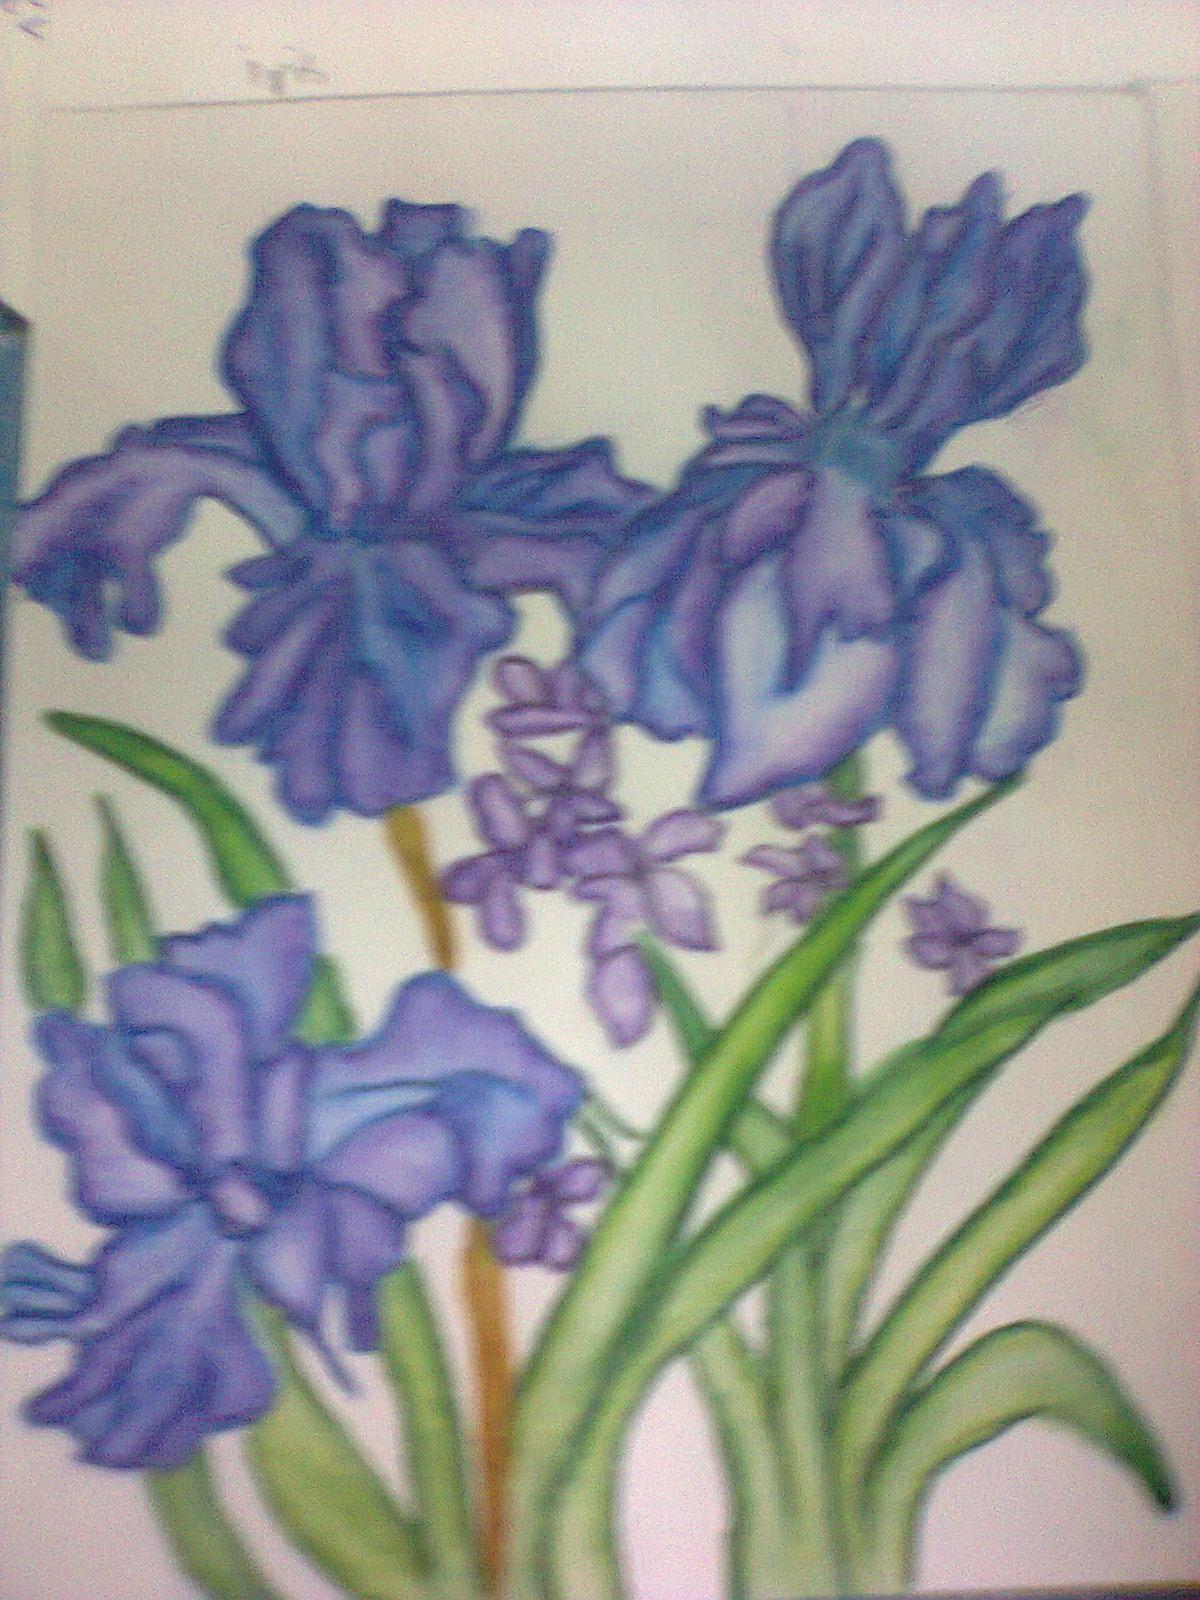 Gambar La Lakaran Kehidupan Koa Lukisan Bunga Bungaan Gambar Rama Di Rebanas Rebanas